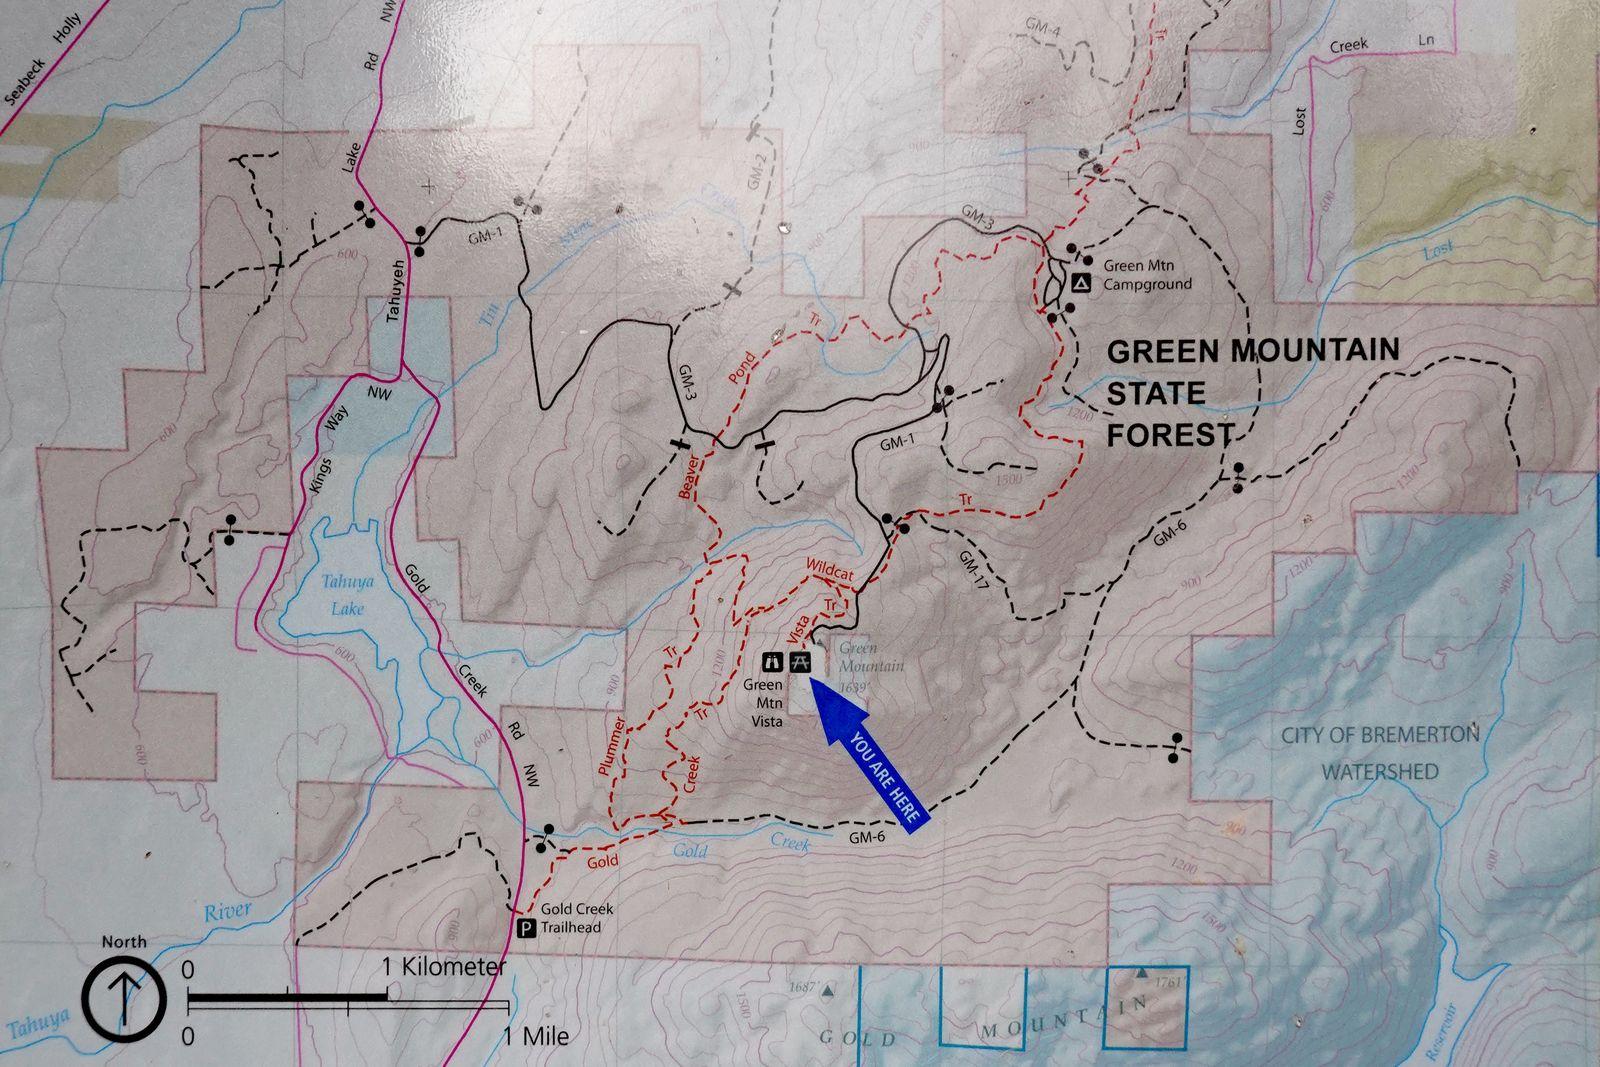 Started Gold Creek Trailhead – turnaround Green Mountain Vista